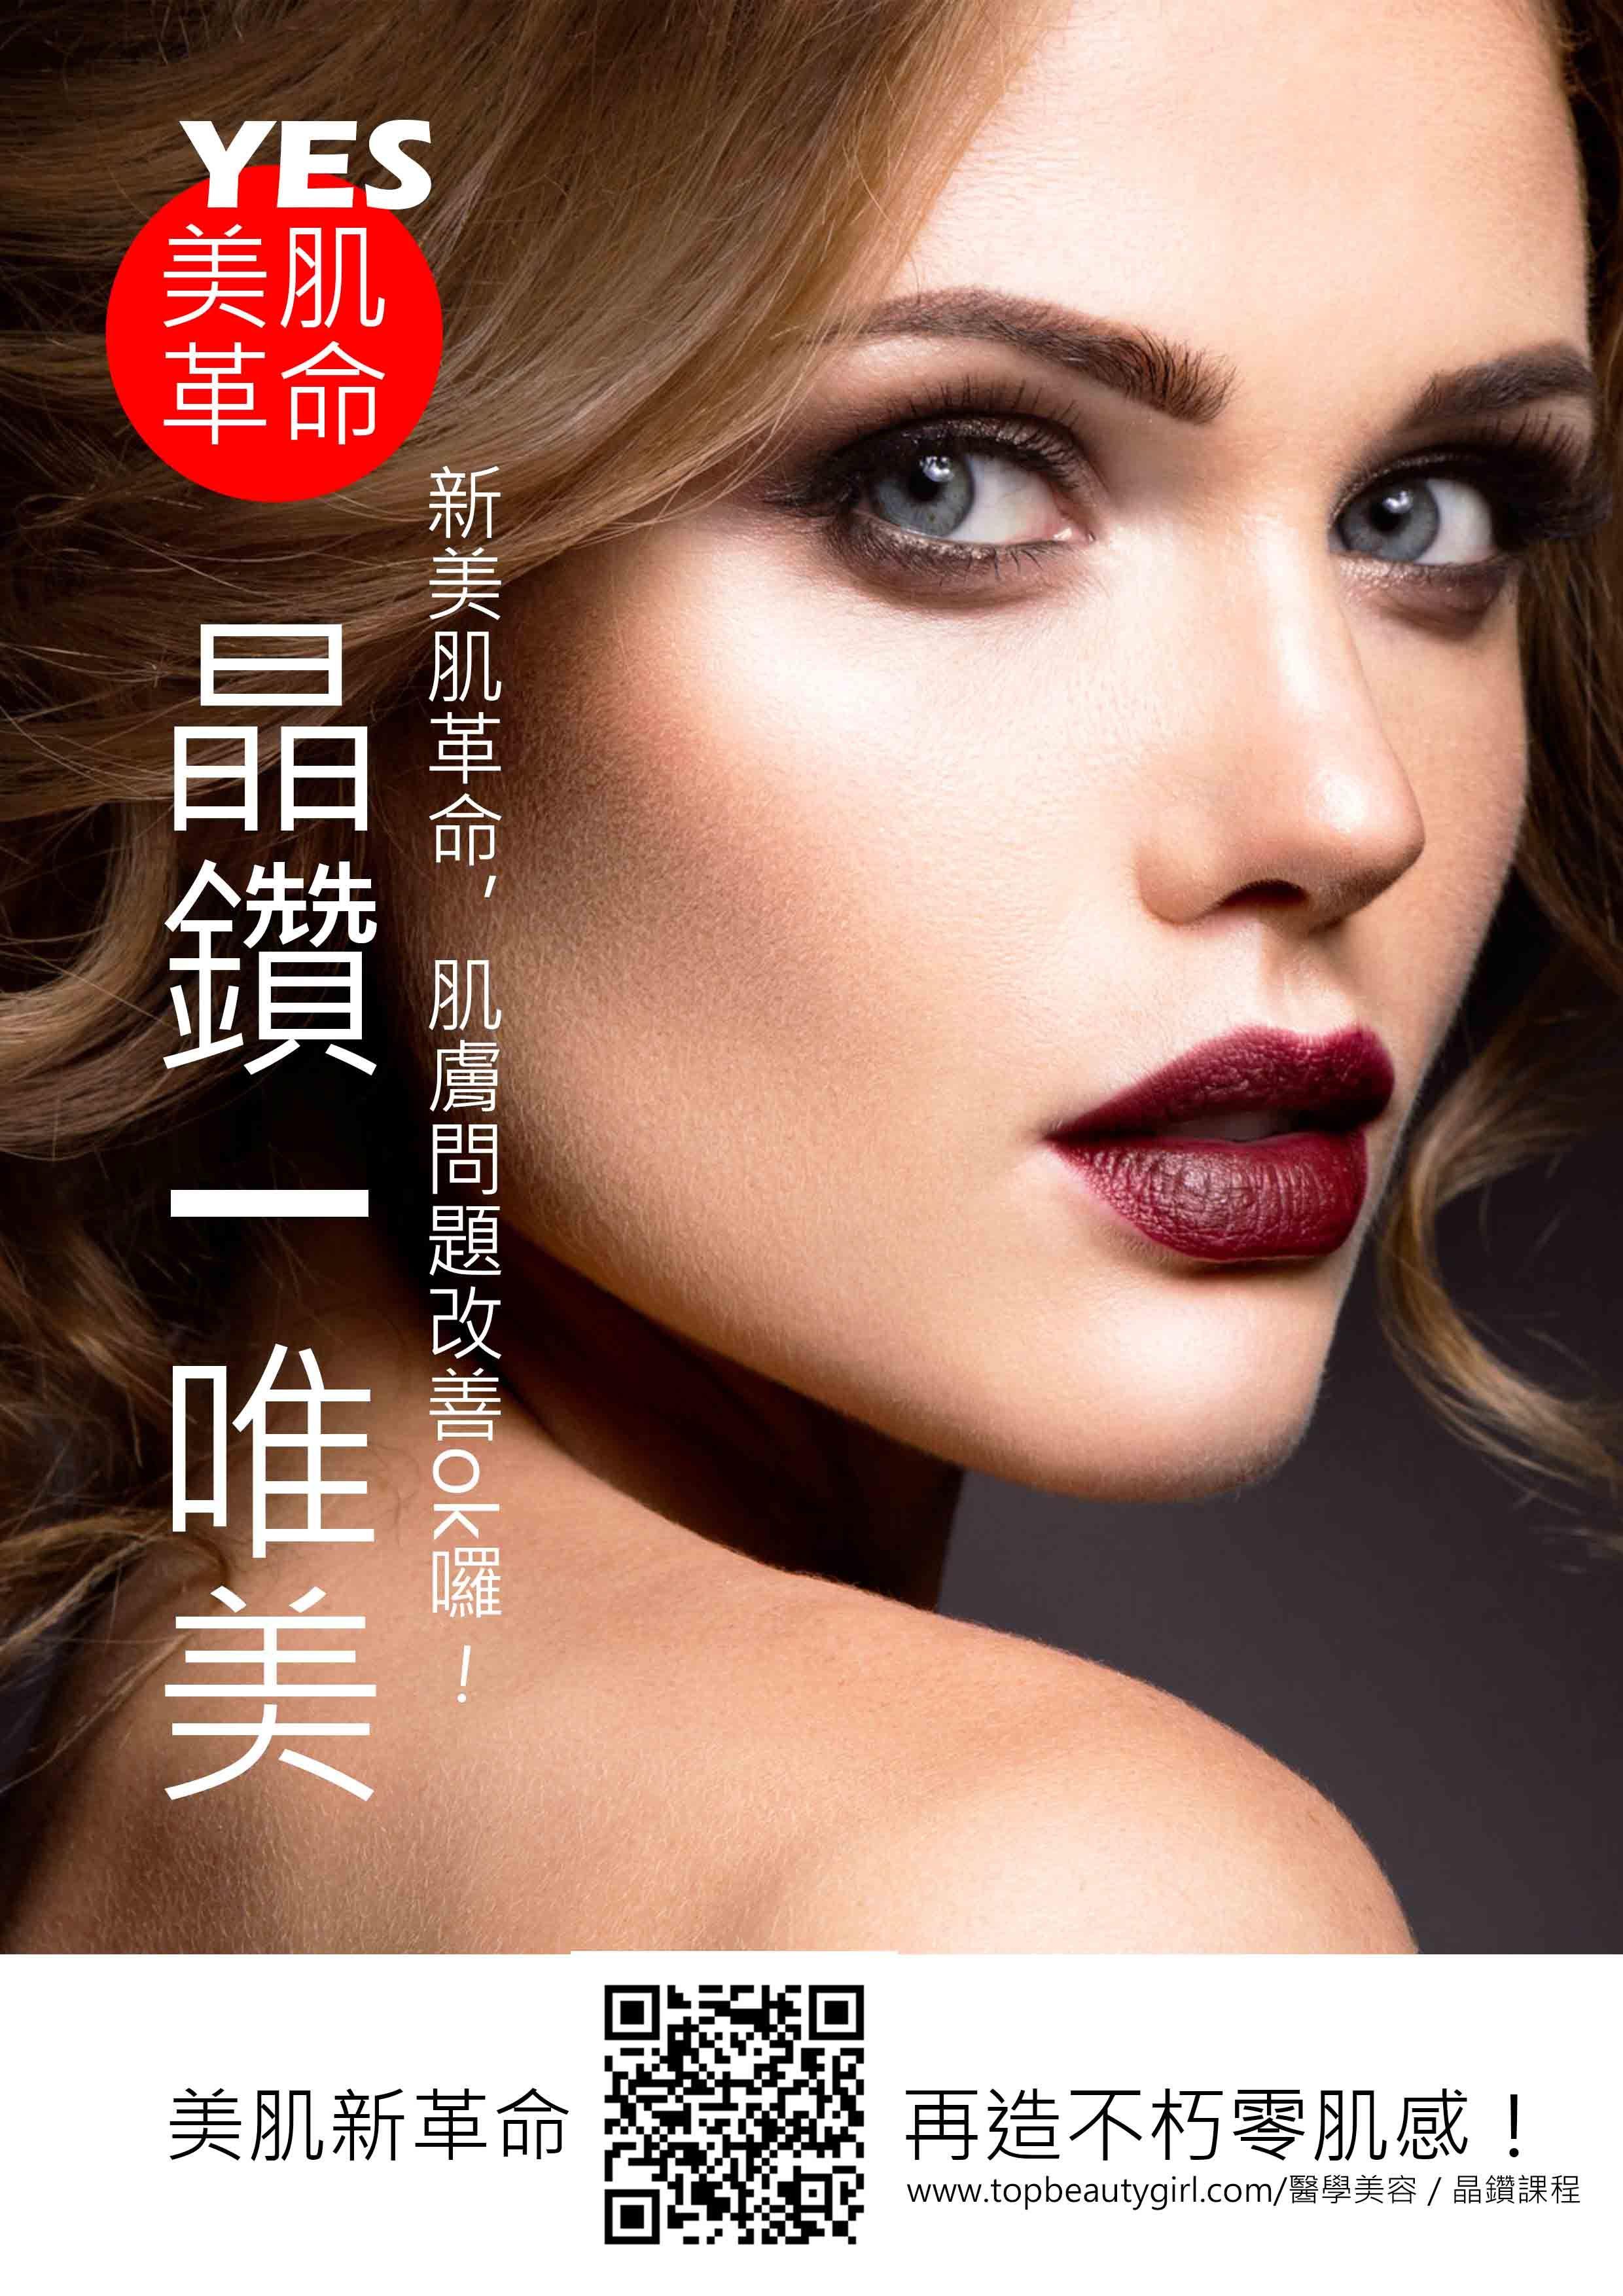 首璽格爾-服務項目-醫學美容--晶鑽廣告